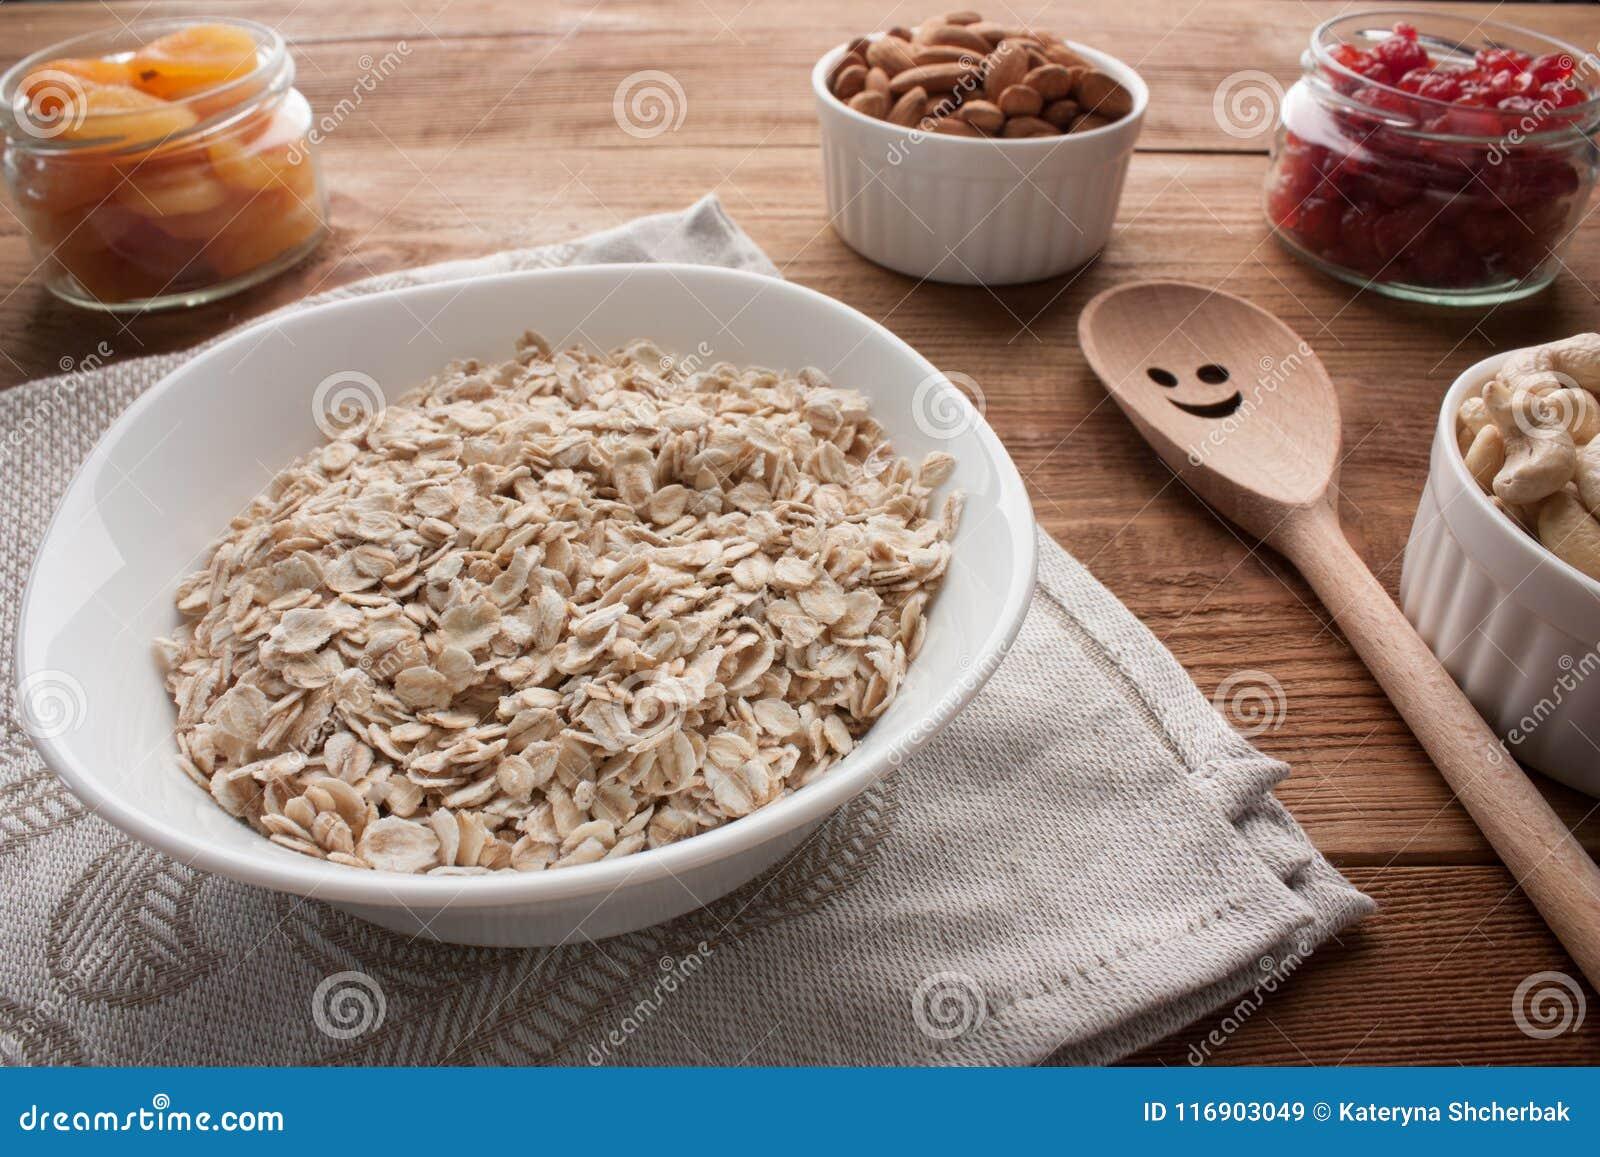 L avena si sfalda in ciotola con le albicocche secche, ciliege secche, mandorle, anacardii in barattoli sulla tavola di legno con